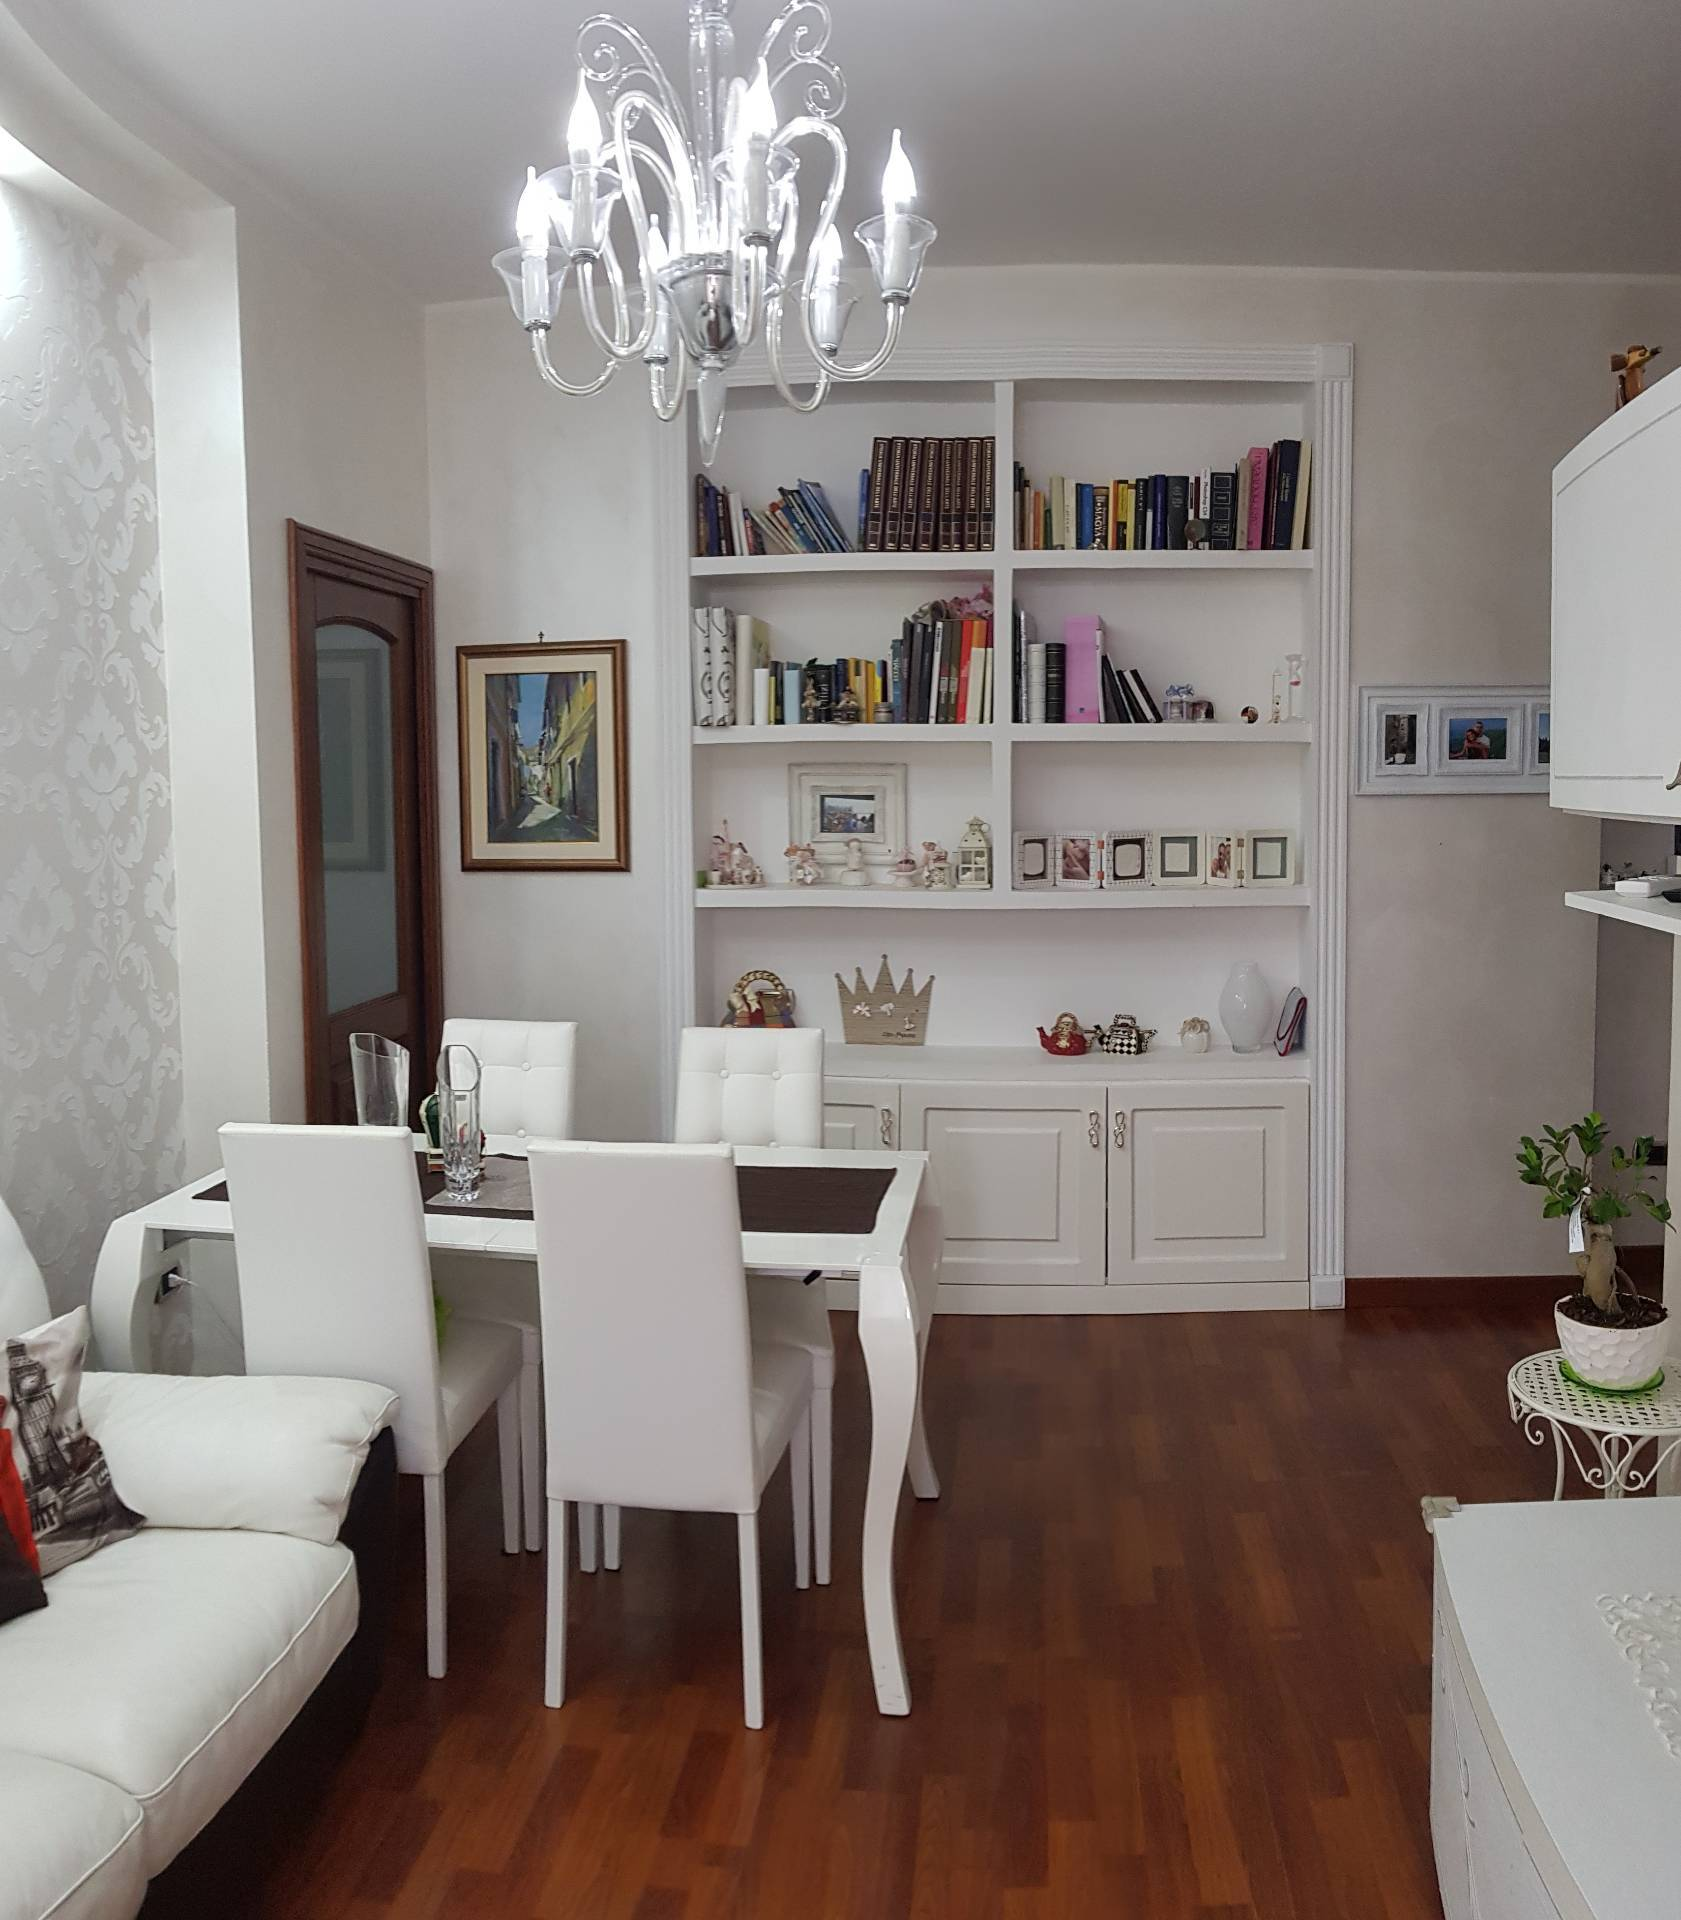 Appartamento in vendita a Catanzaro, 3 locali, zona Località: MaterDomini, prezzo € 135.000 | CambioCasa.it